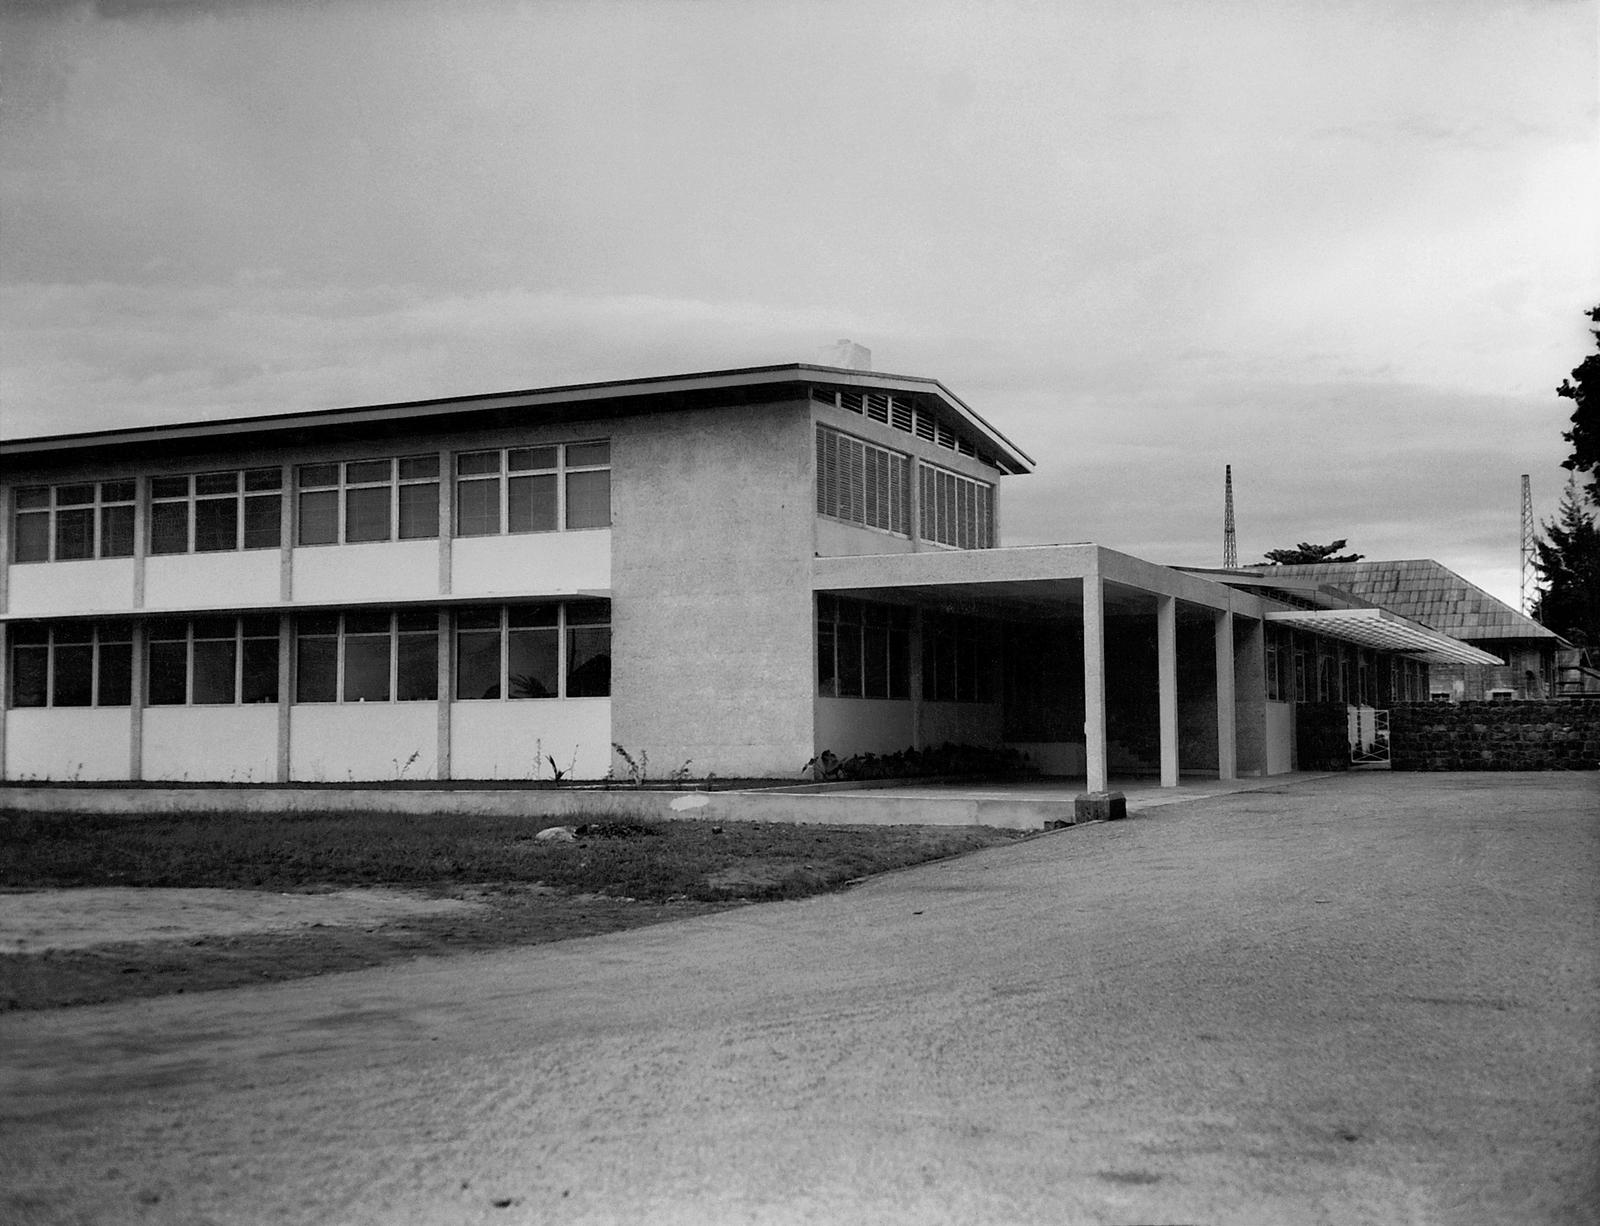 Lagos - Annex Office Building - 1958